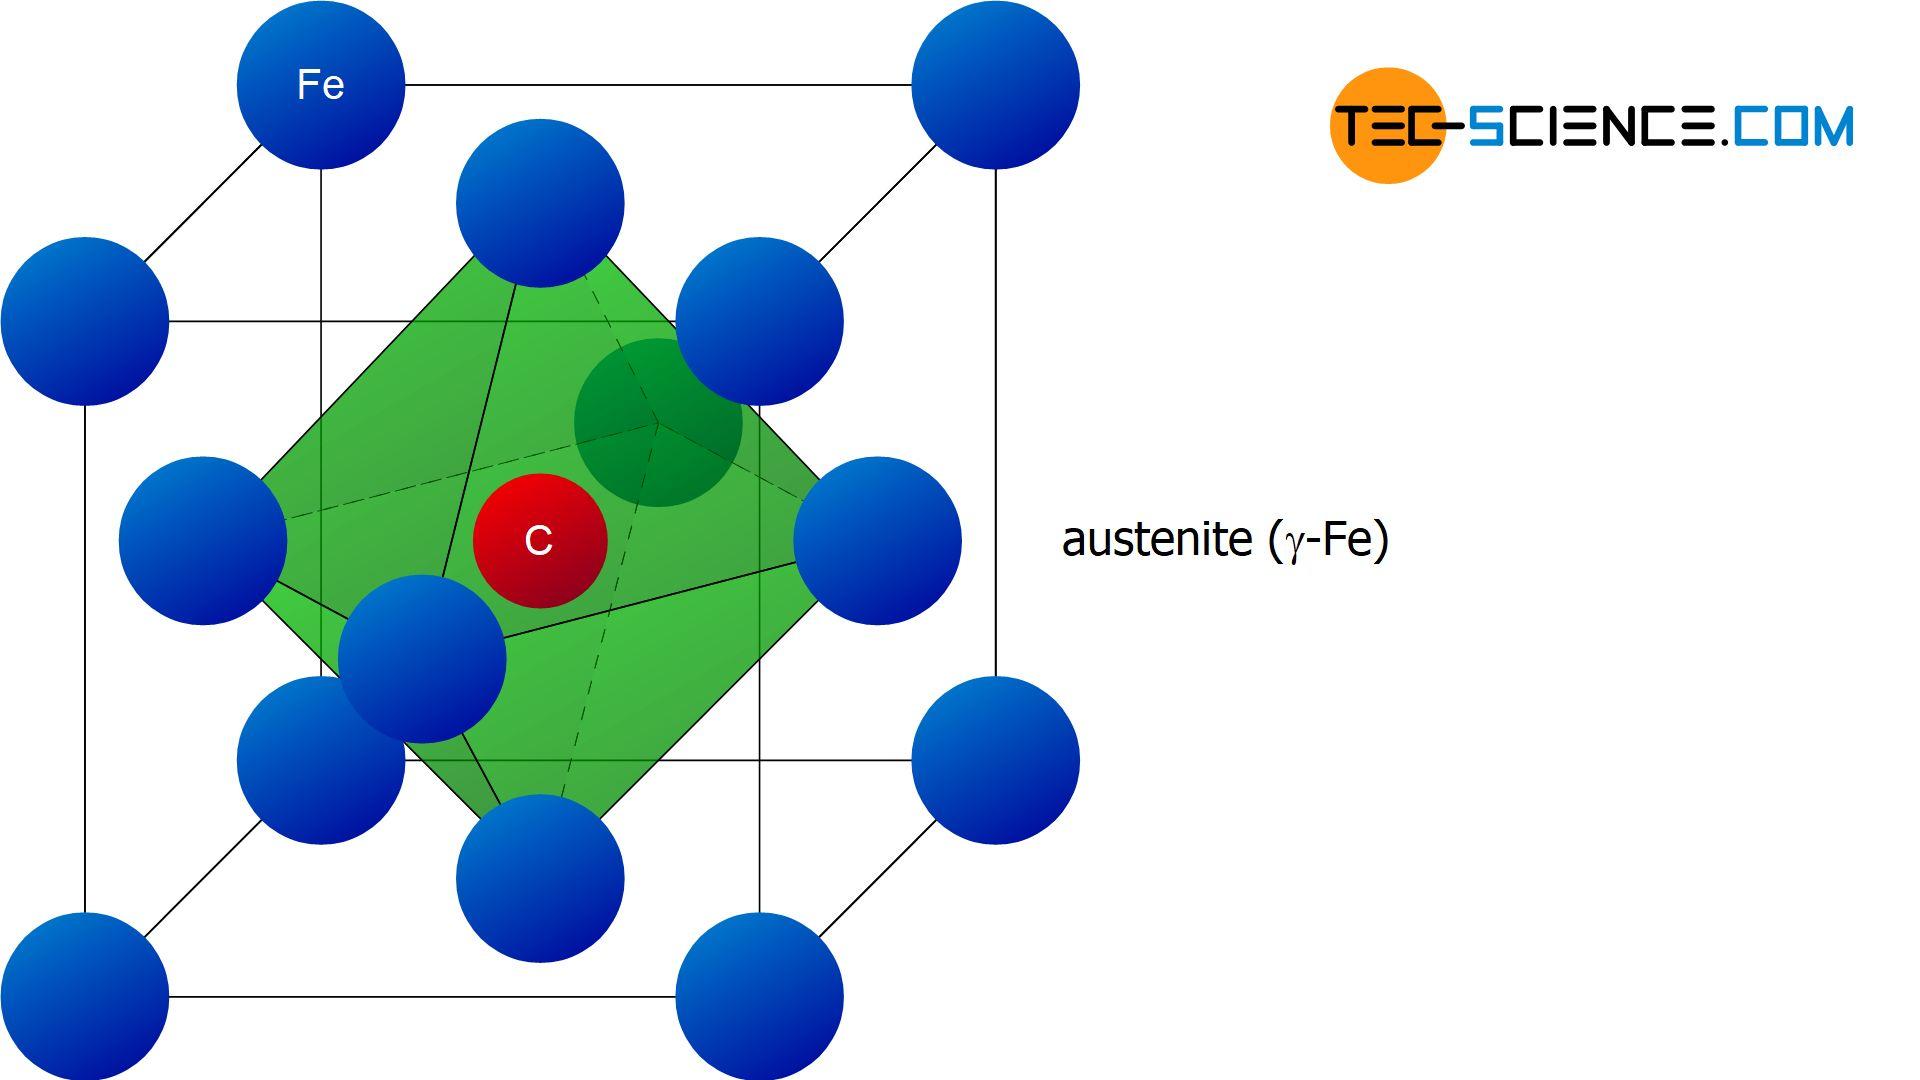 Unit cell of austenite